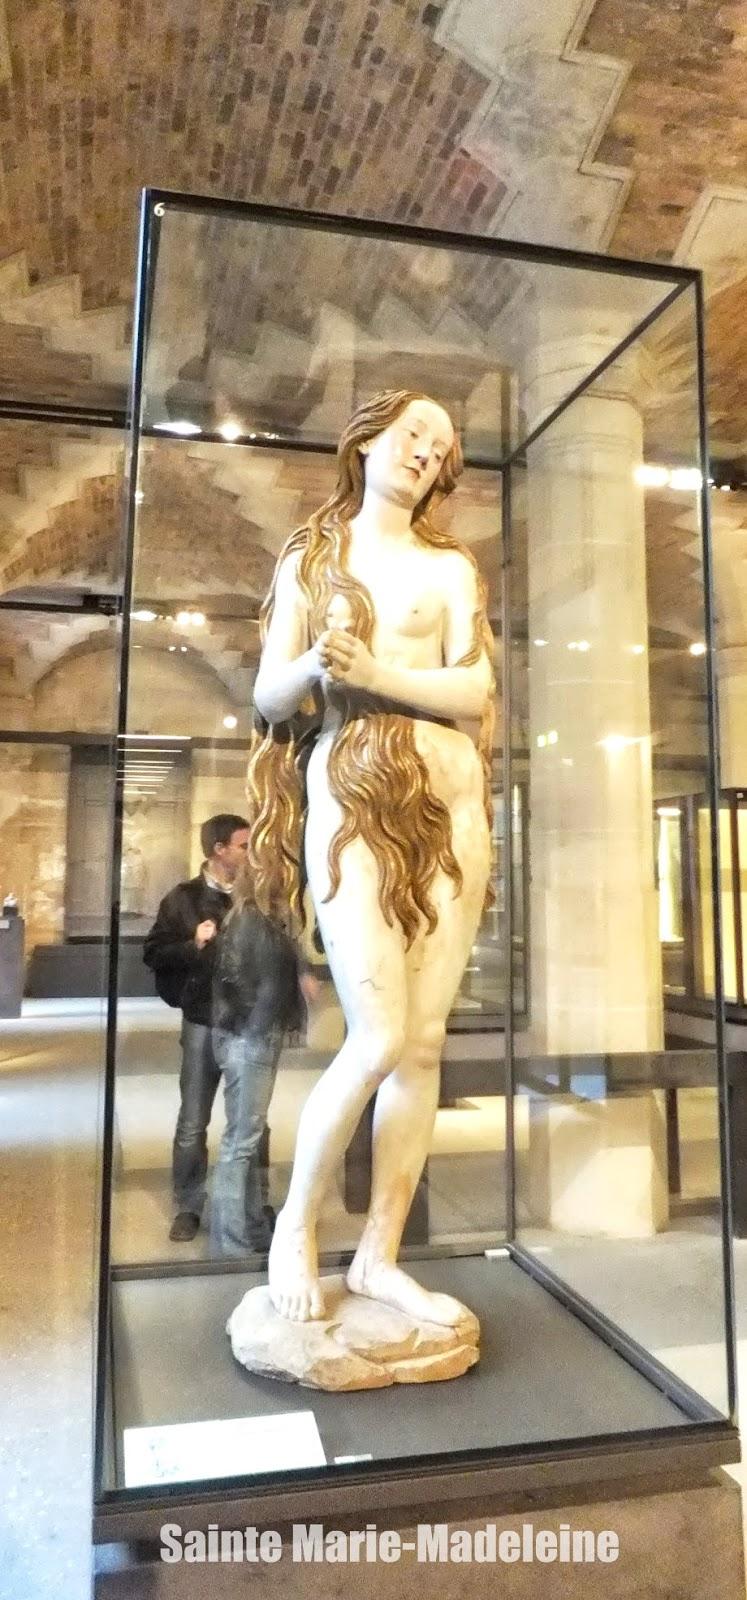 Santa María Magdalena, Erhart, Louvre, París, Elisa N, Blog de Viajes, Lifestyle, Travel